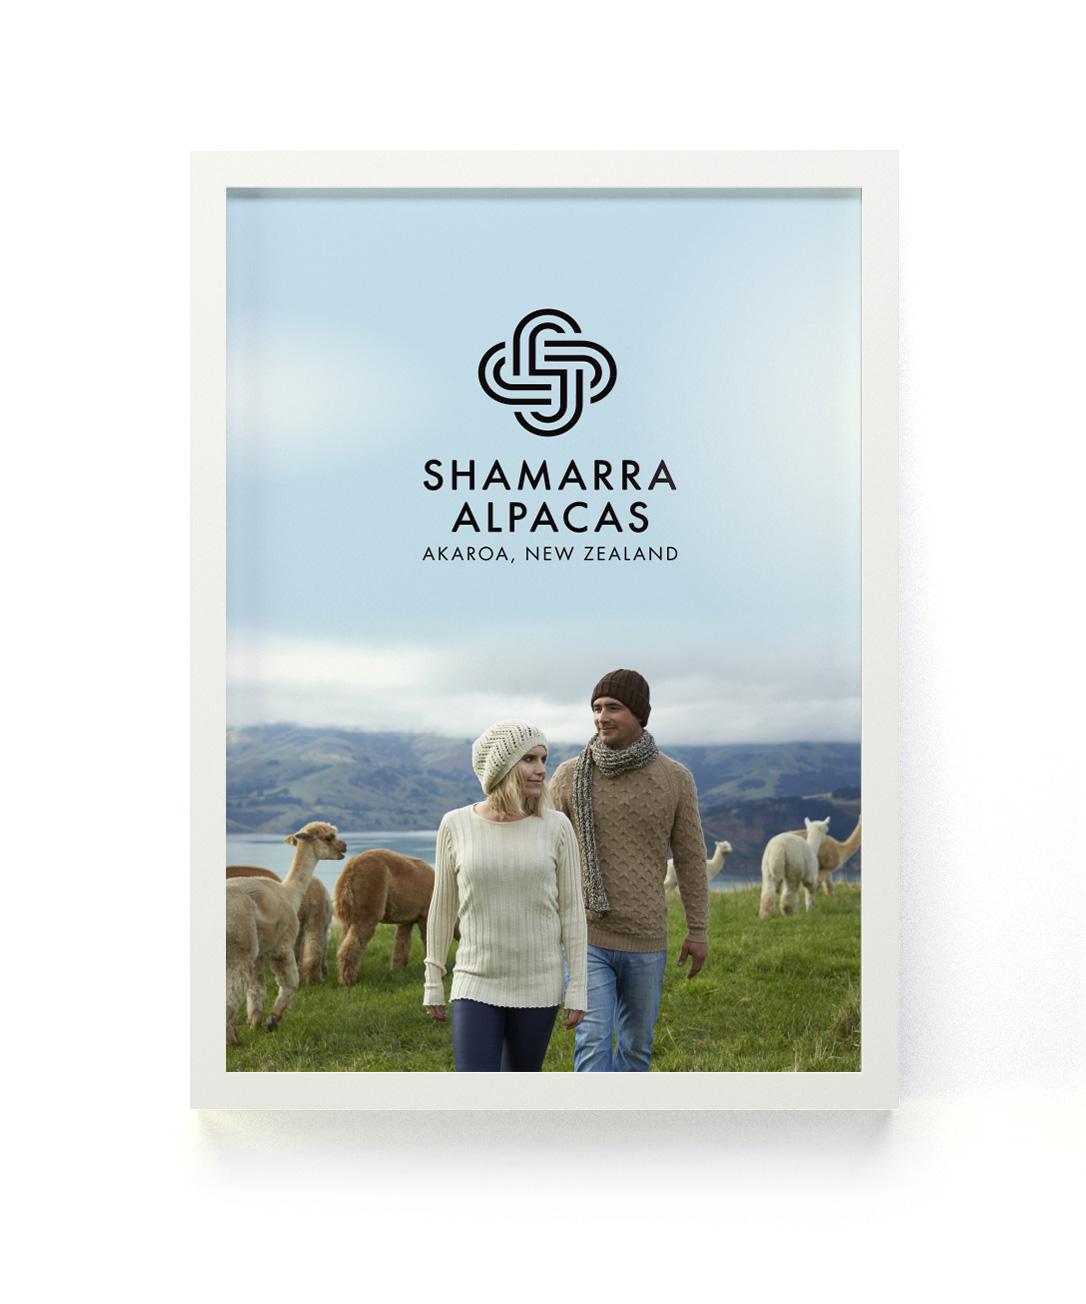 Shamarra Alpacas store Poster Design